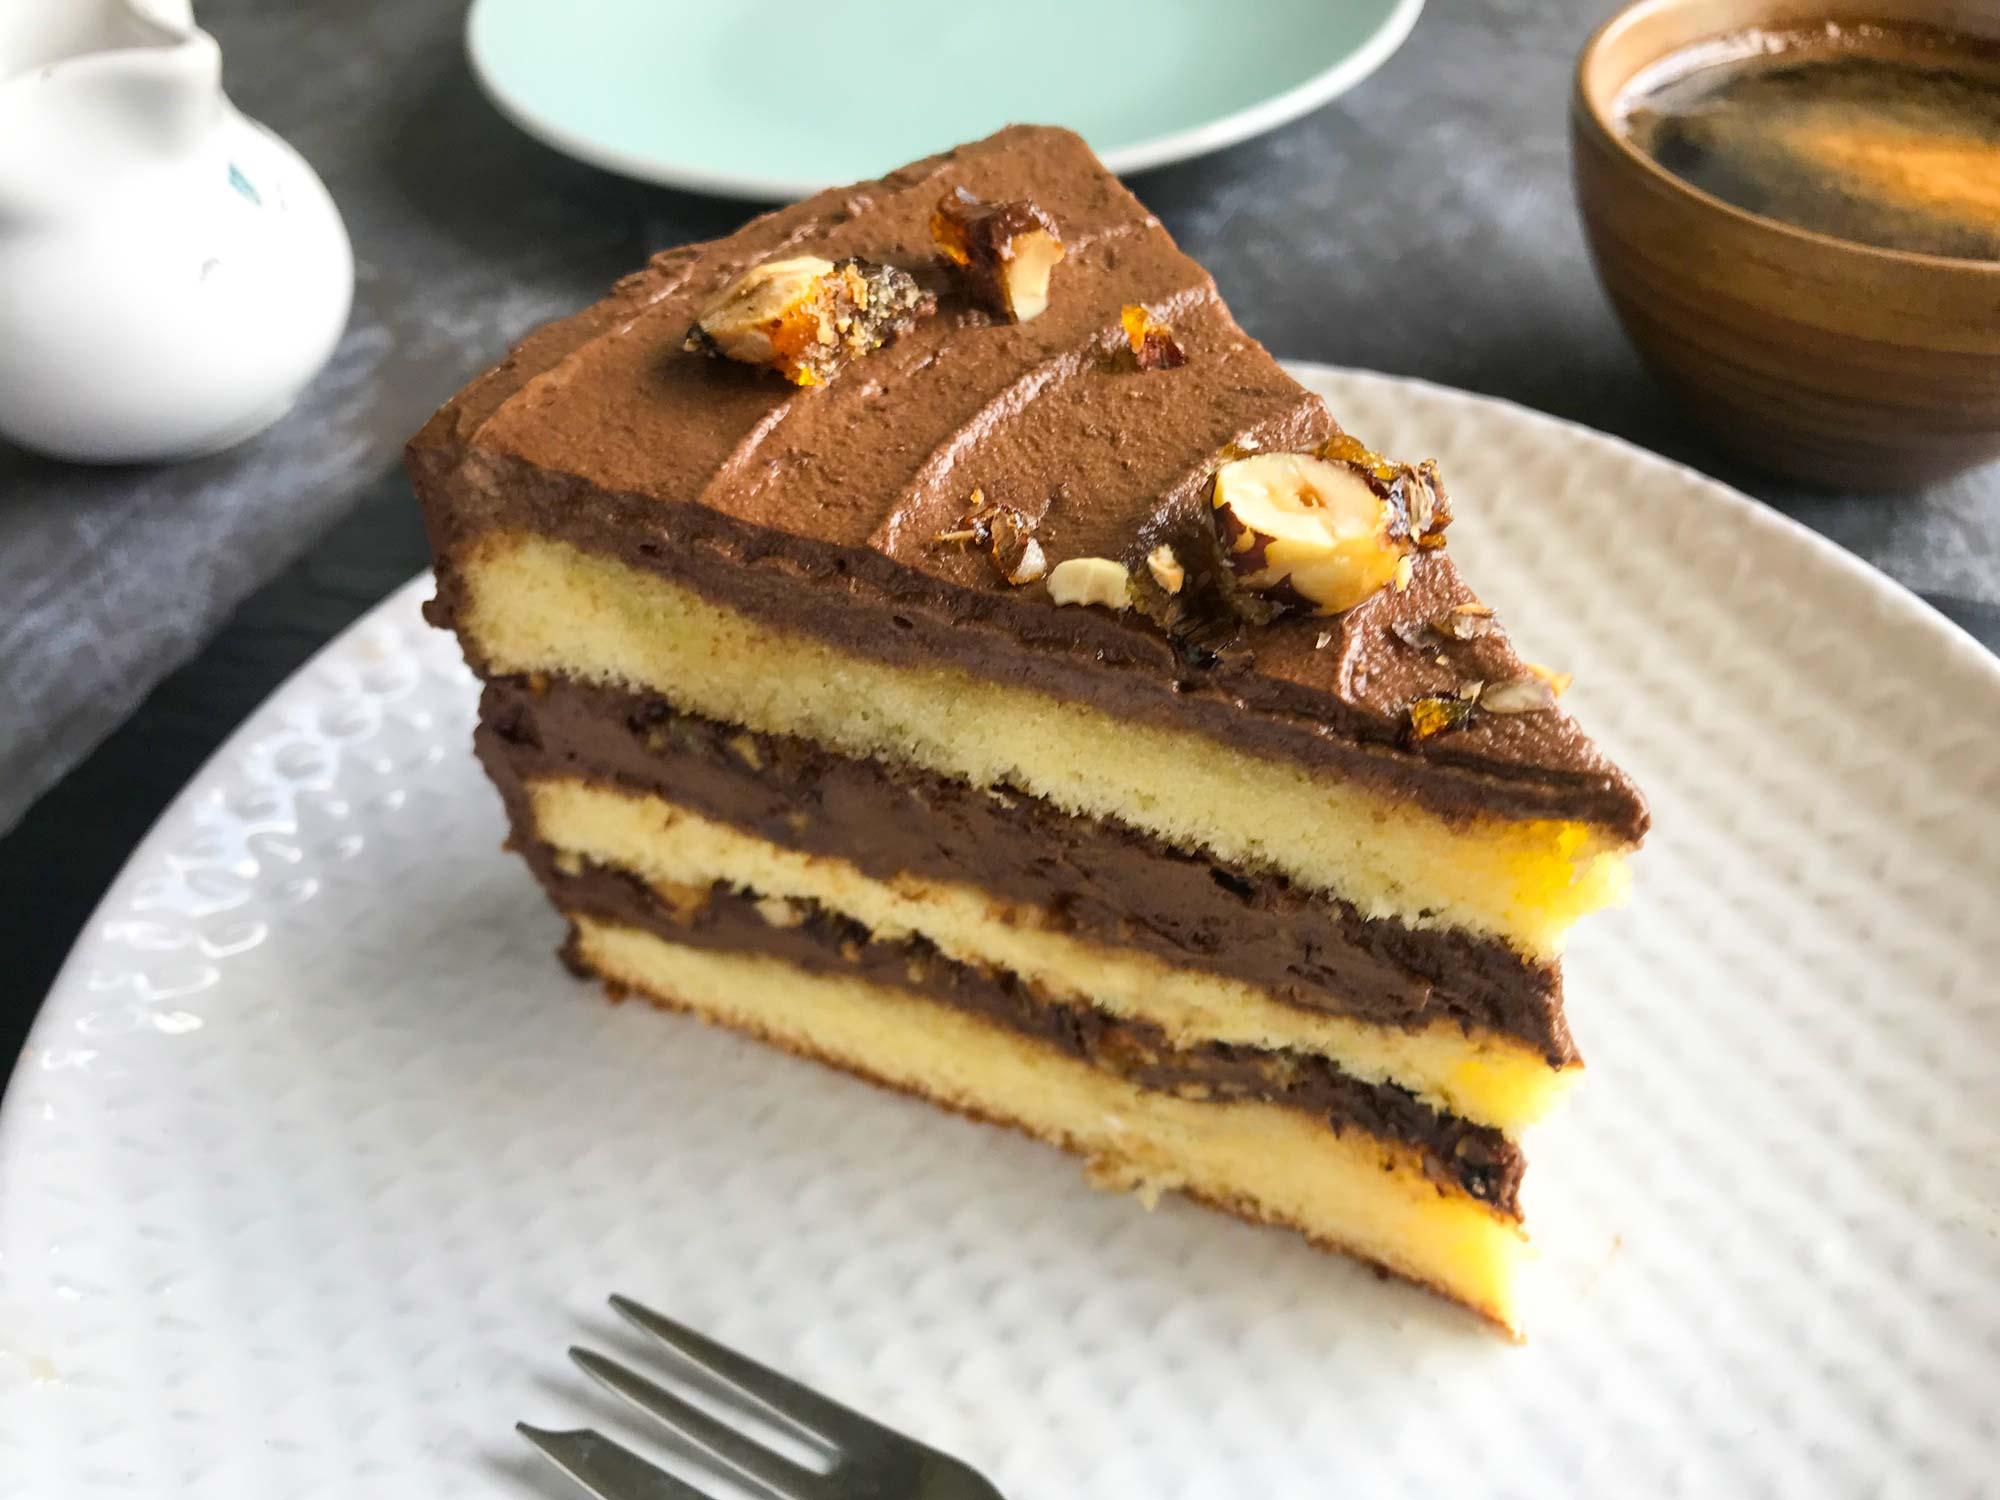 Čokoladna torta s kavo in lešniki